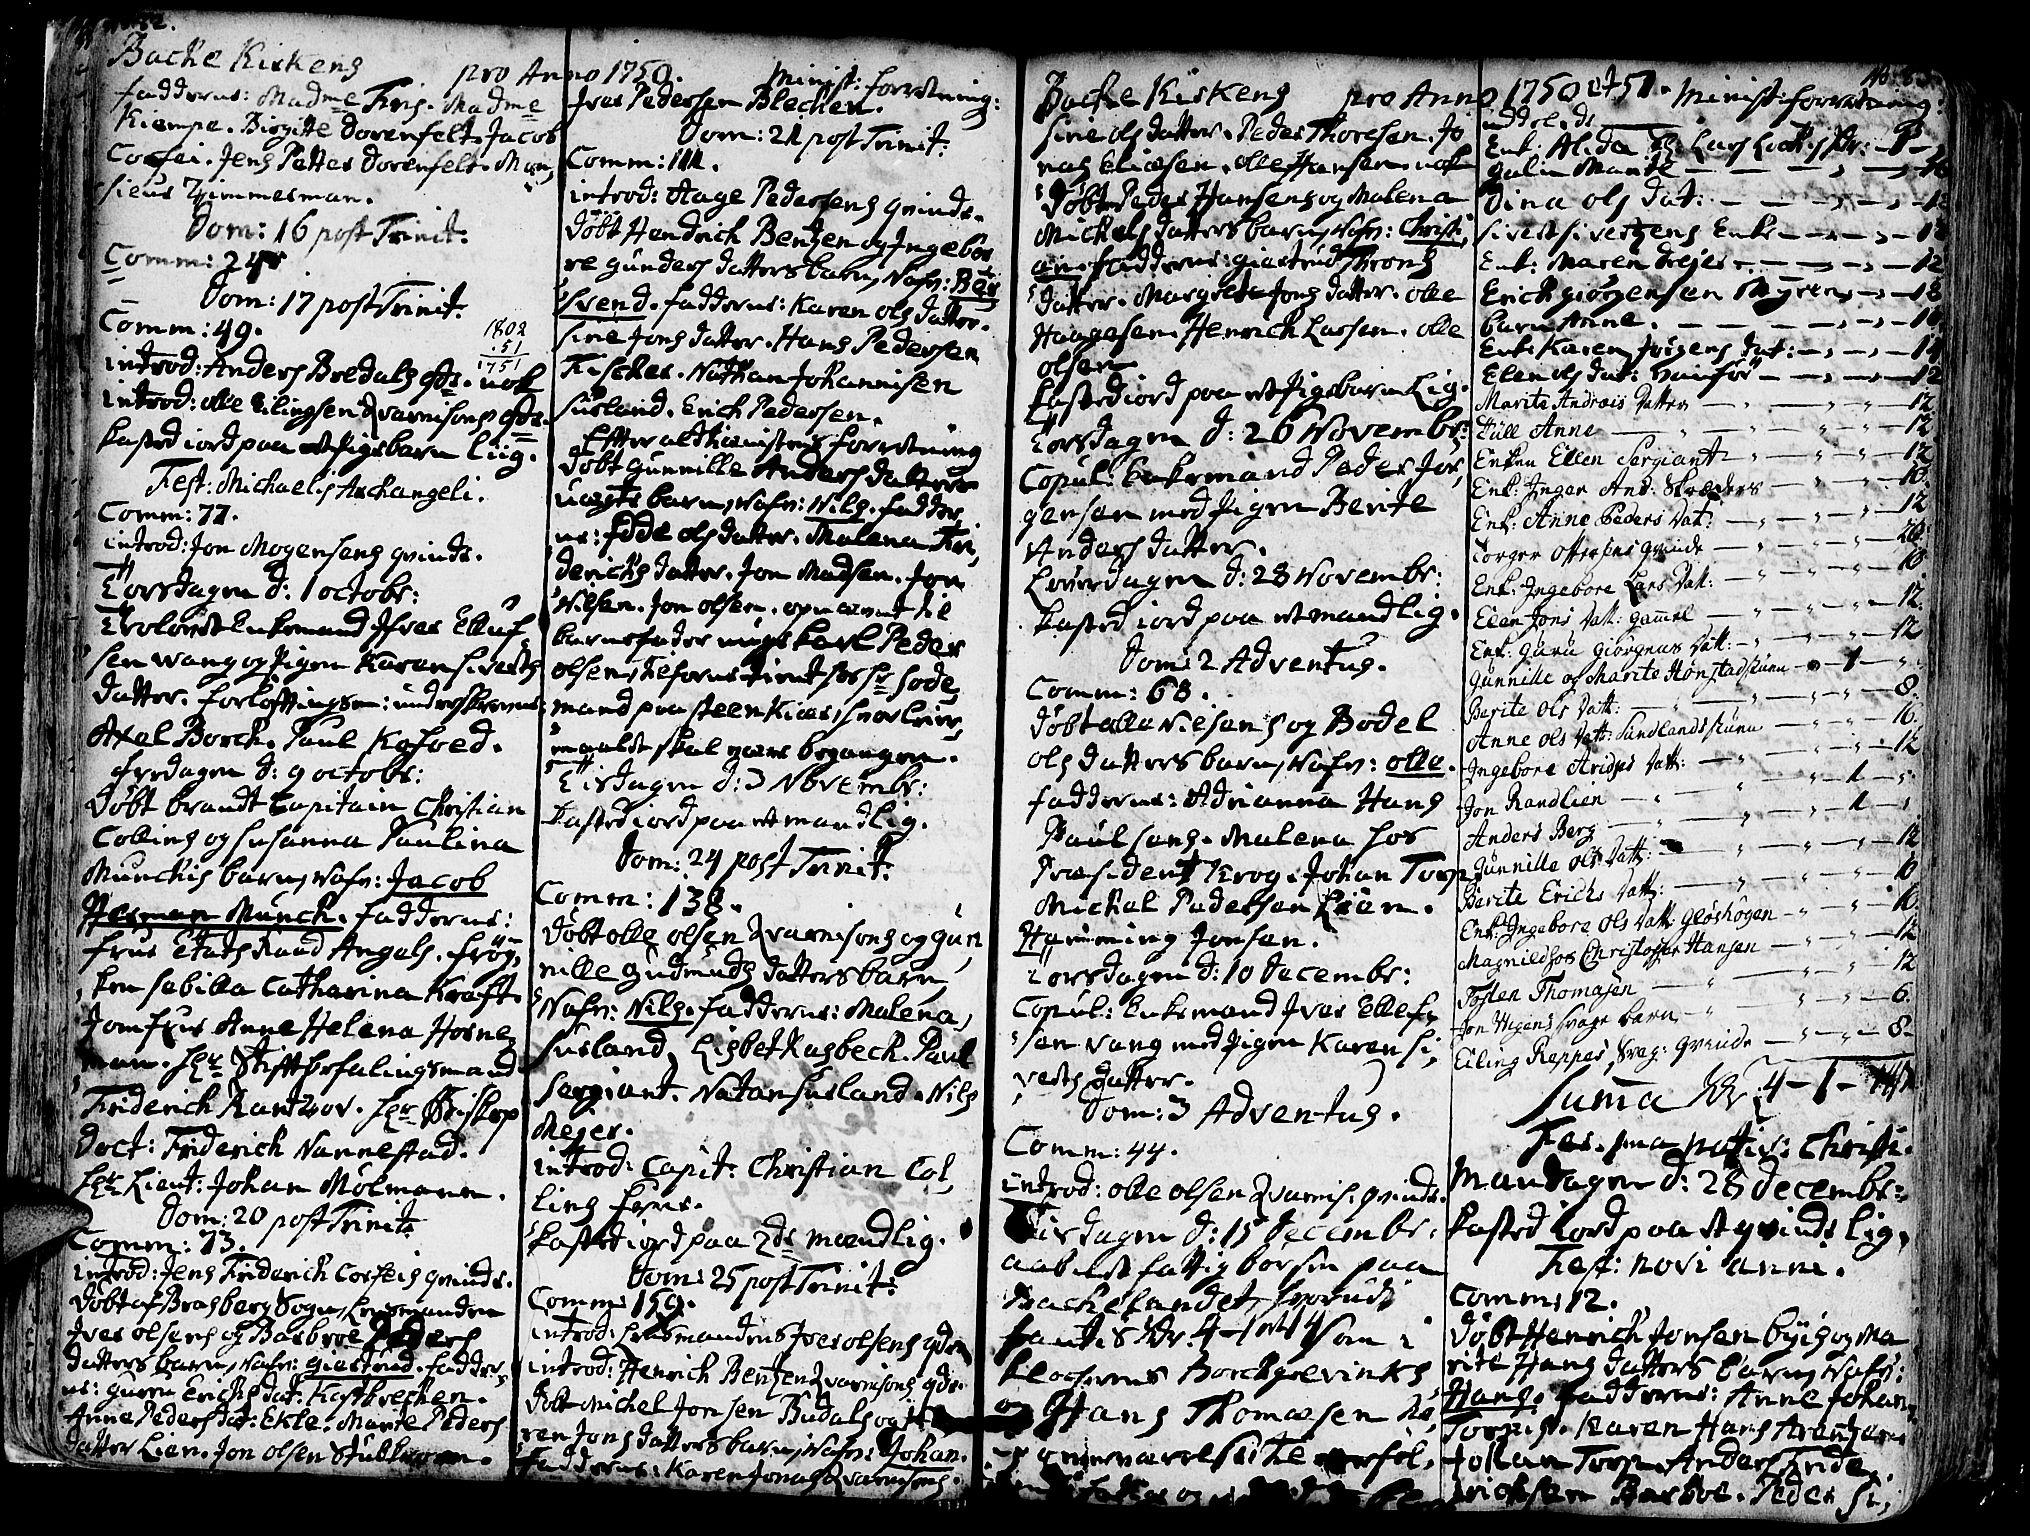 SAT, Ministerialprotokoller, klokkerbøker og fødselsregistre - Sør-Trøndelag, 606/L0276: Ministerialbok nr. 606A01 /2, 1727-1779, s. 82-83